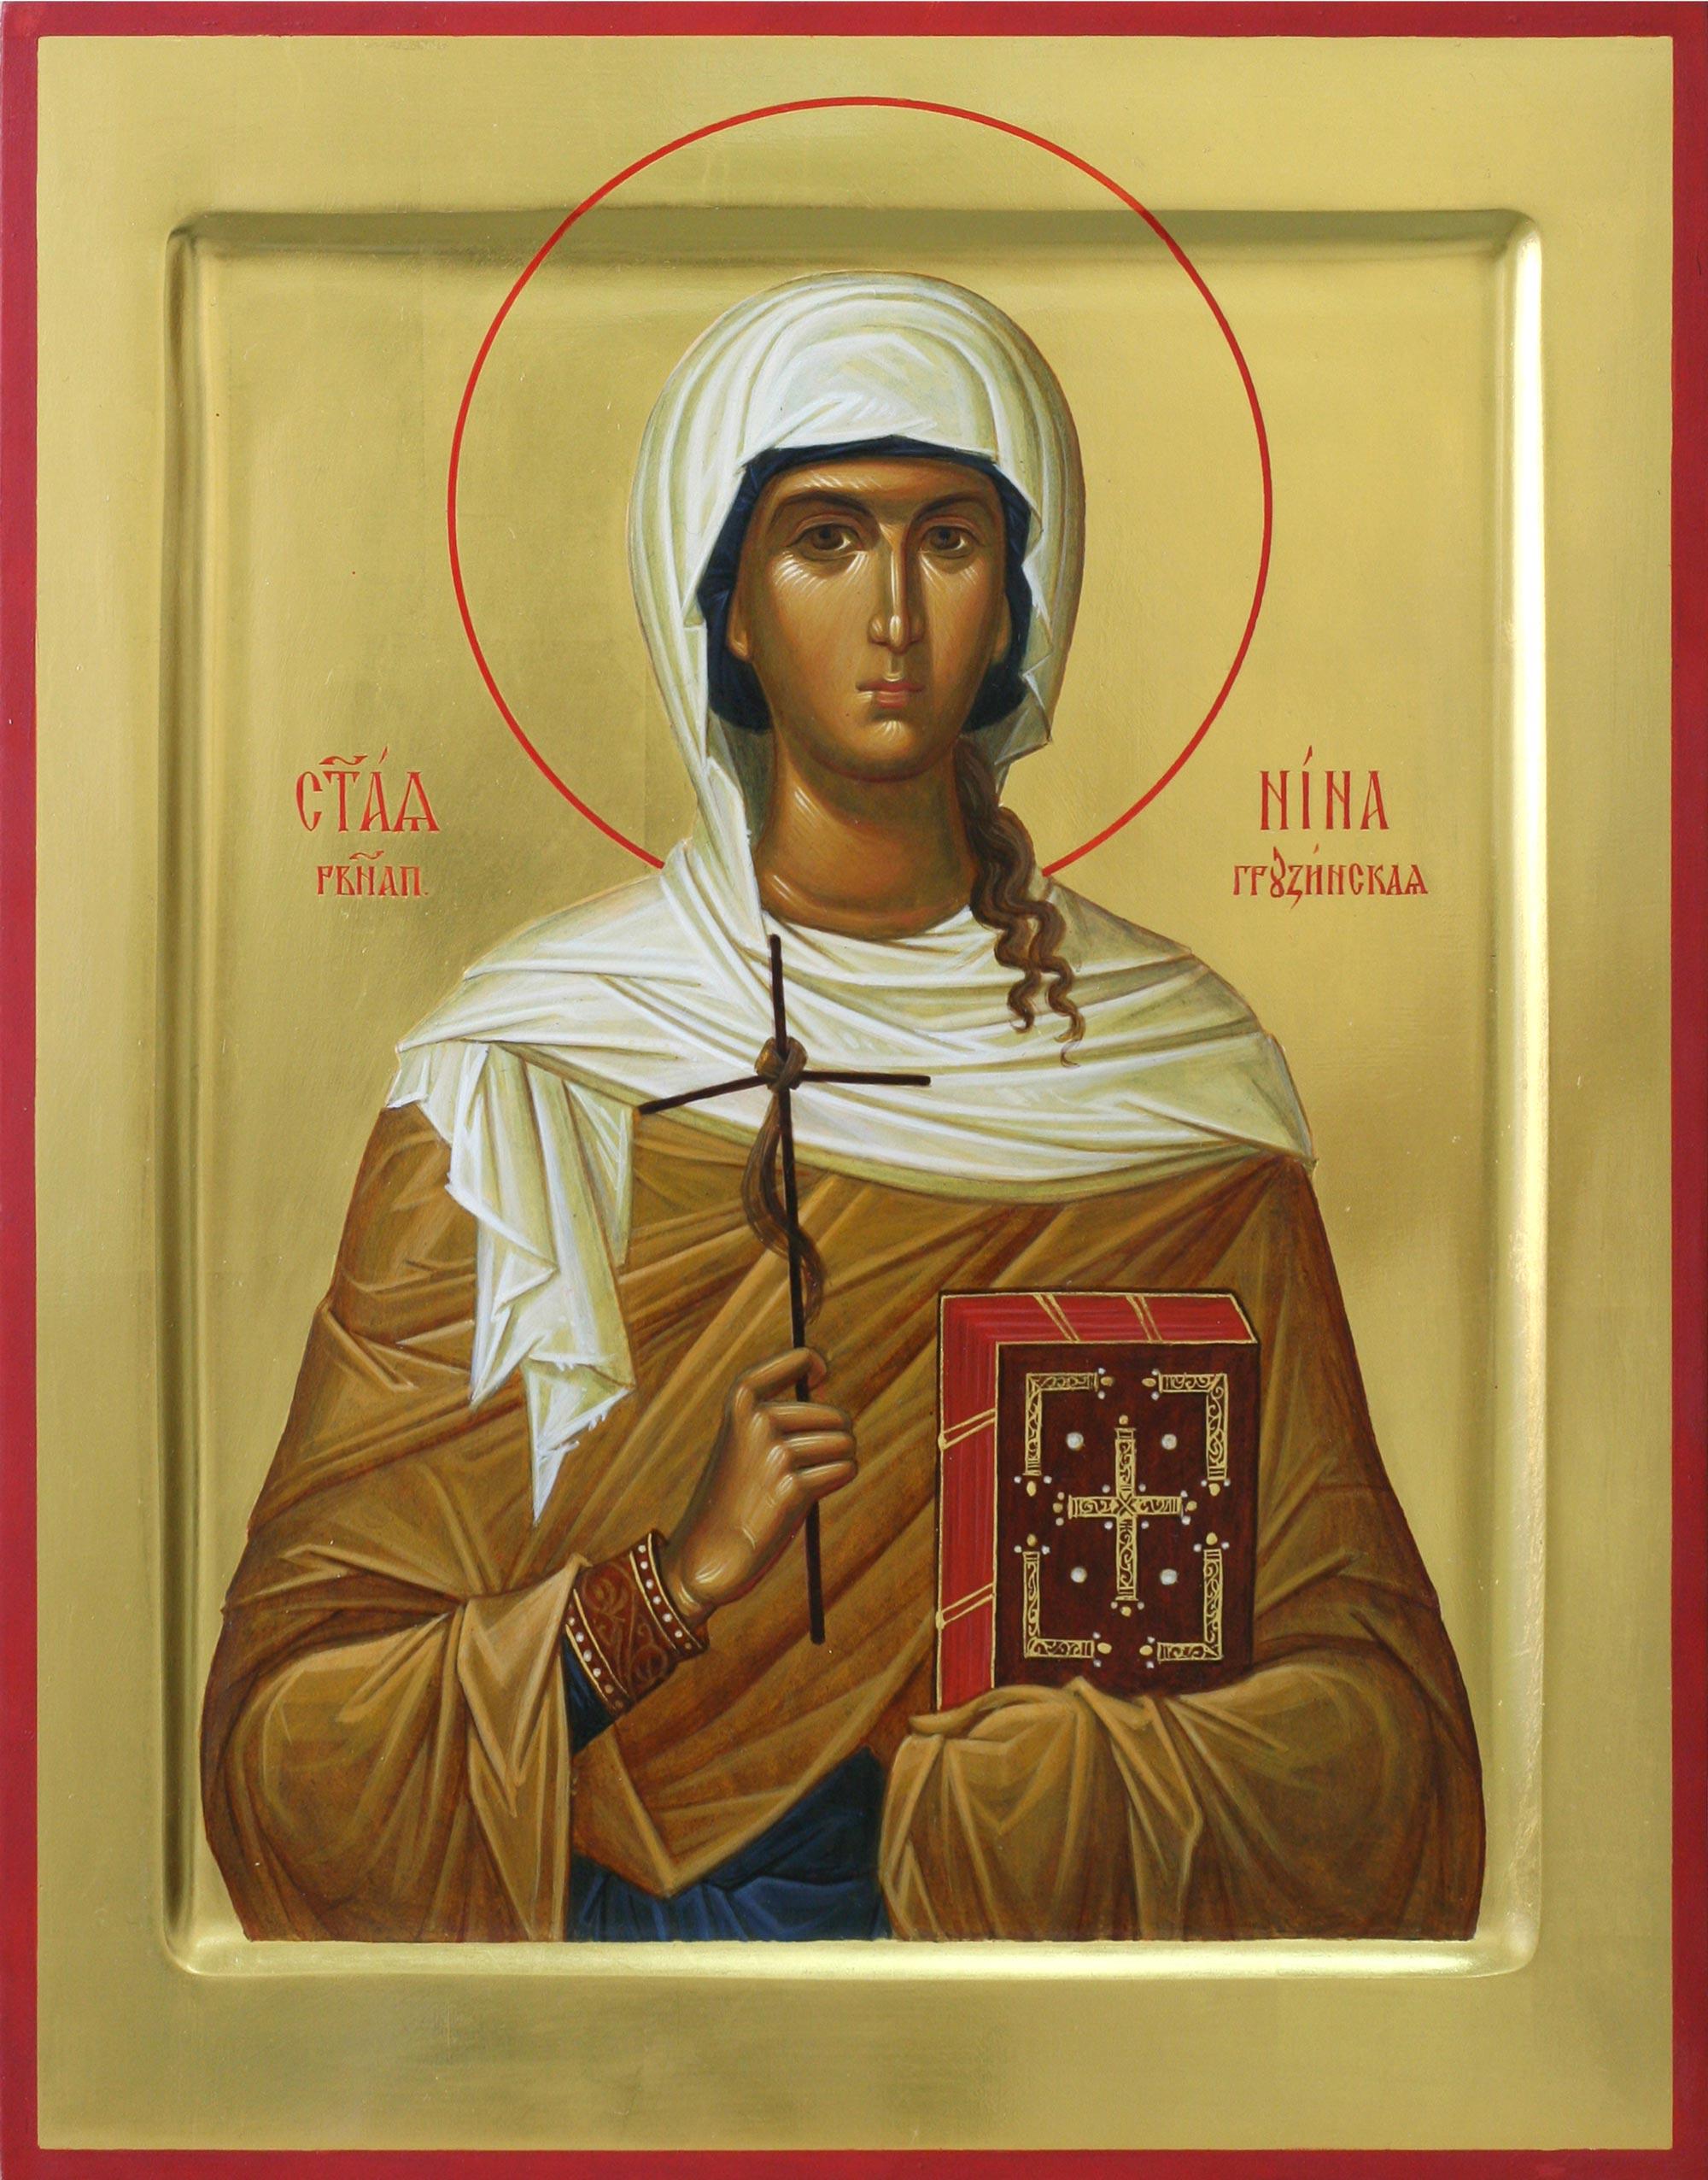 Какой сегодня праздник: 27 января 2020 года отмечается церковный праздник Нина – обряды скотины